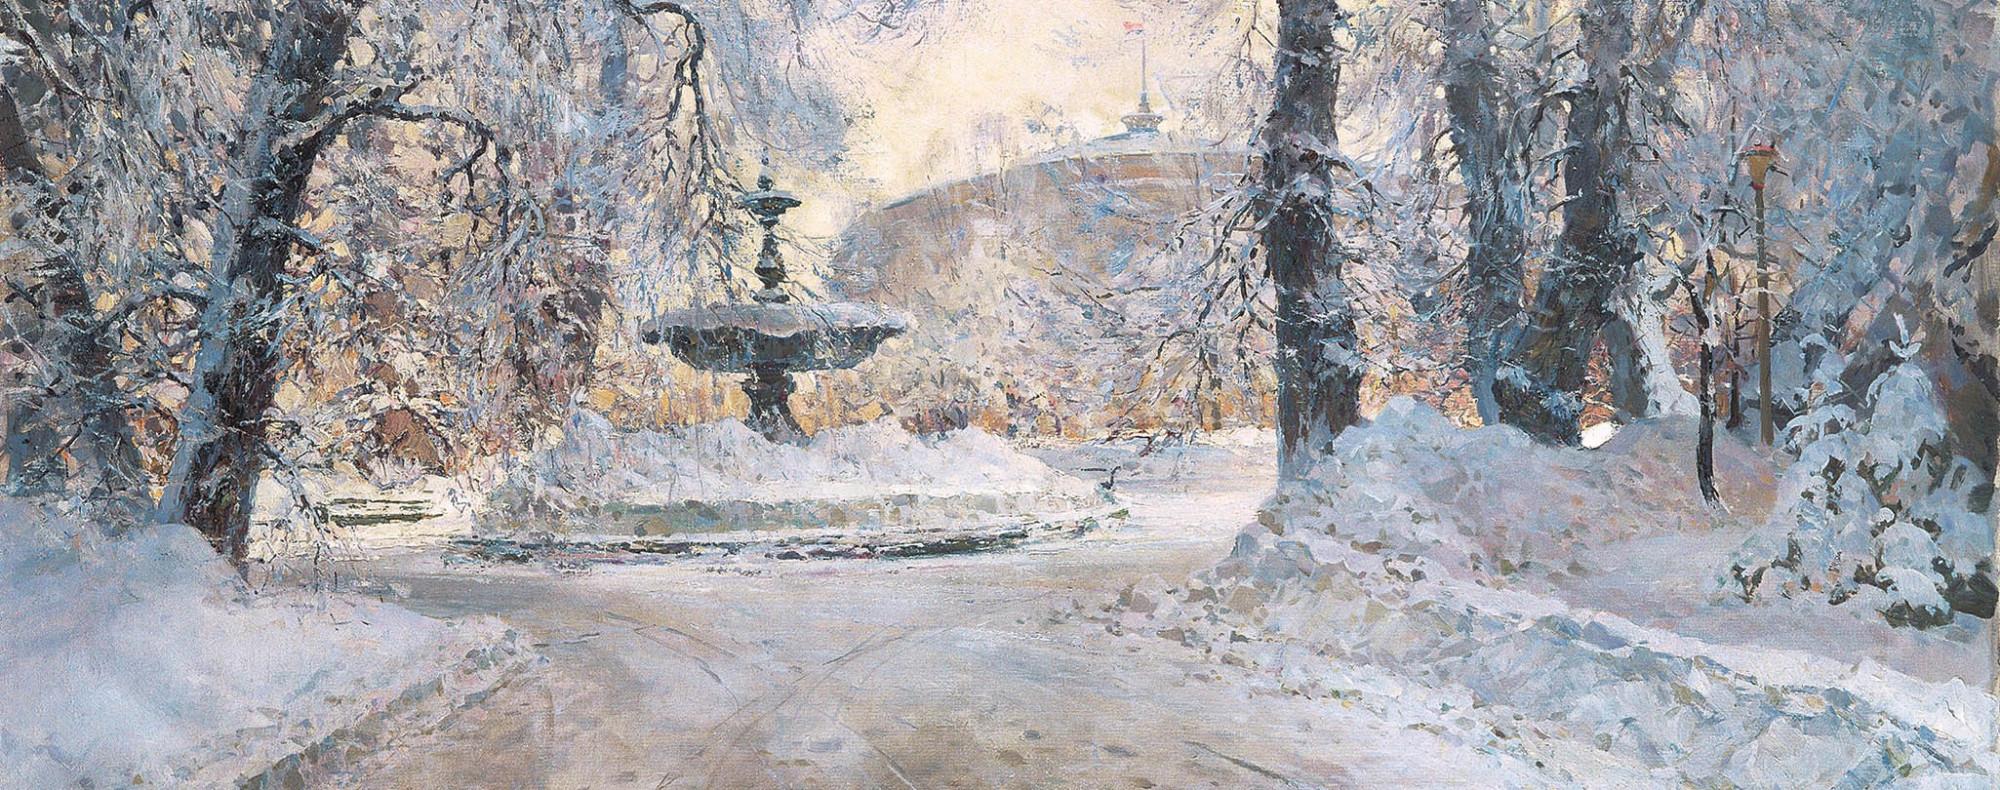 Сидорук Владимир Федорович (1925 – 1997) «Фонтан в Мариинском парке зимой», 1966 (фото: korners.org.ua)